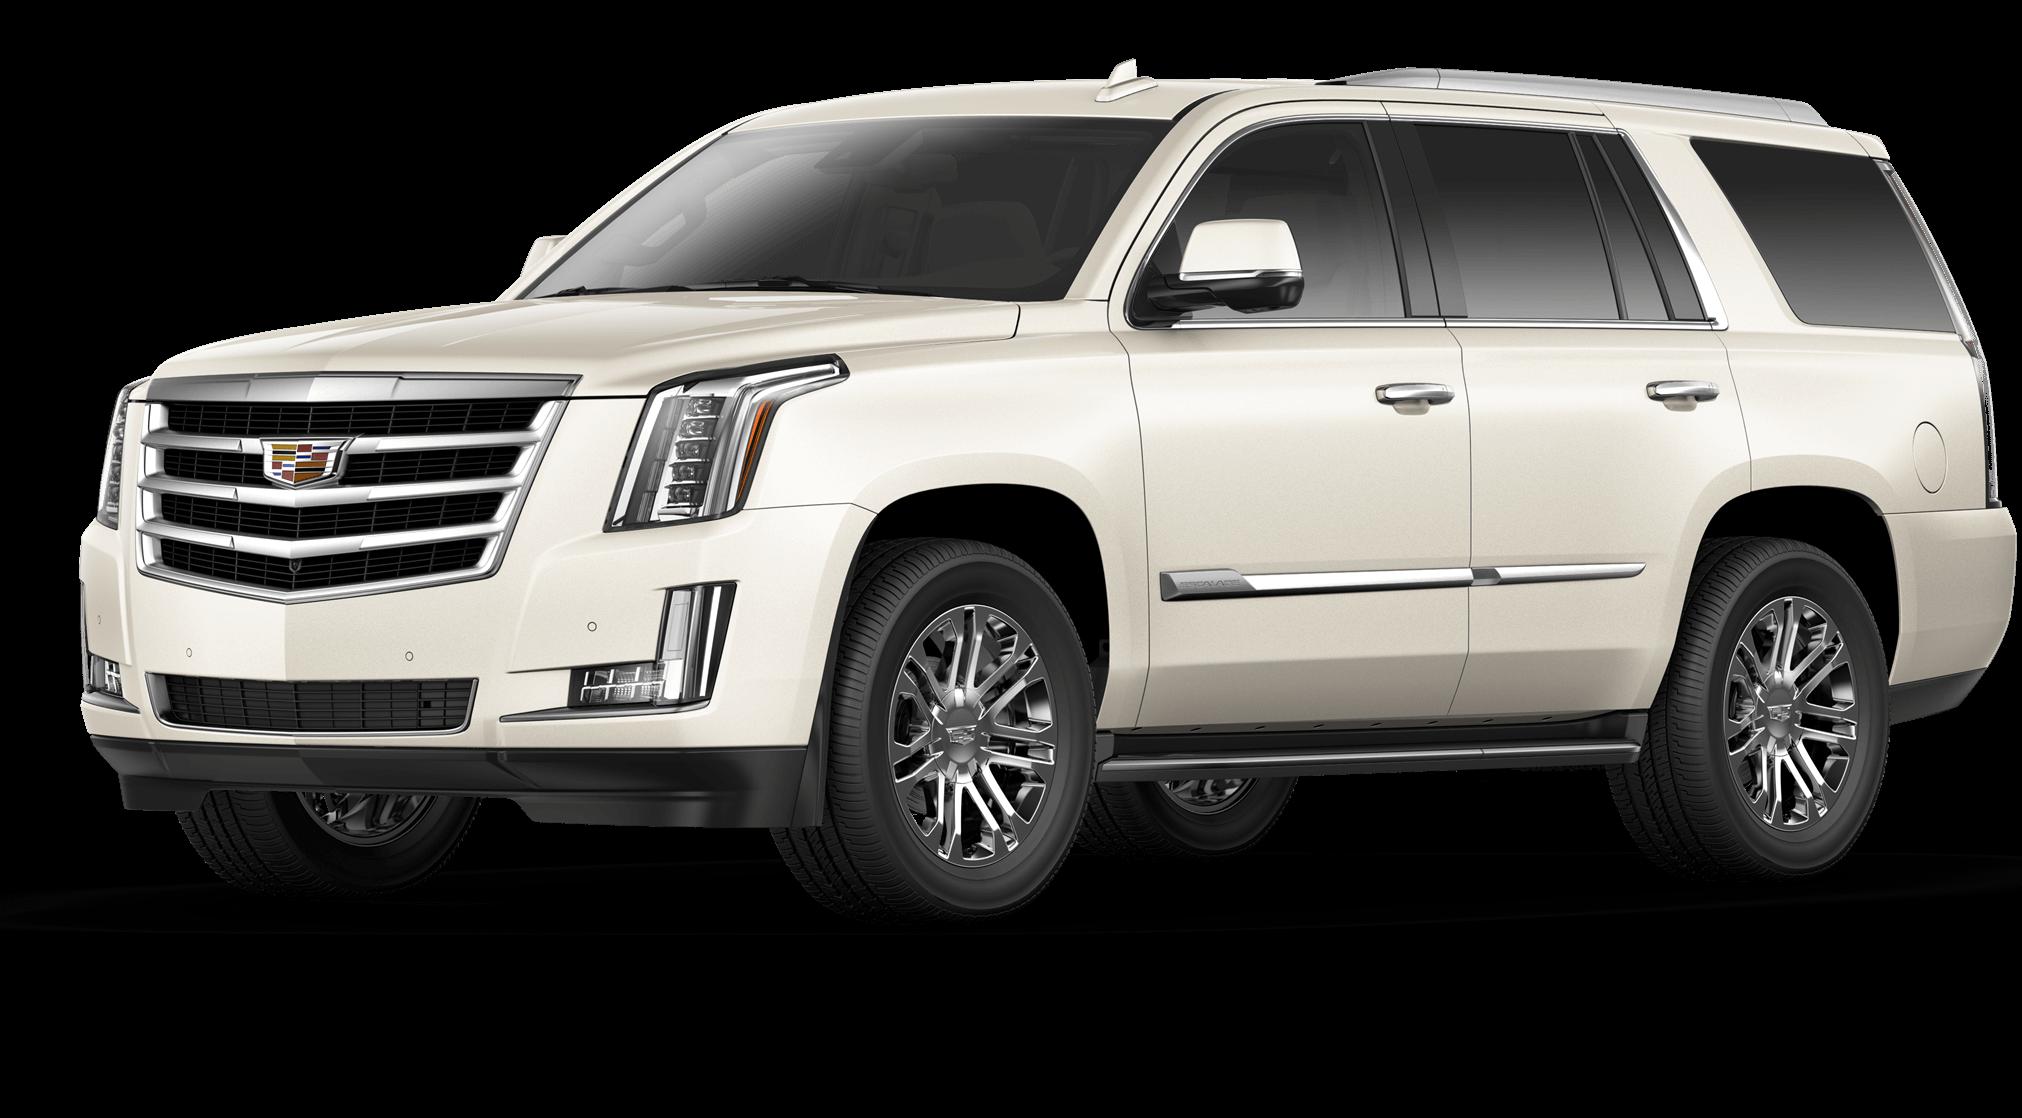 Cadillac Escalade Silver Coast Metallic